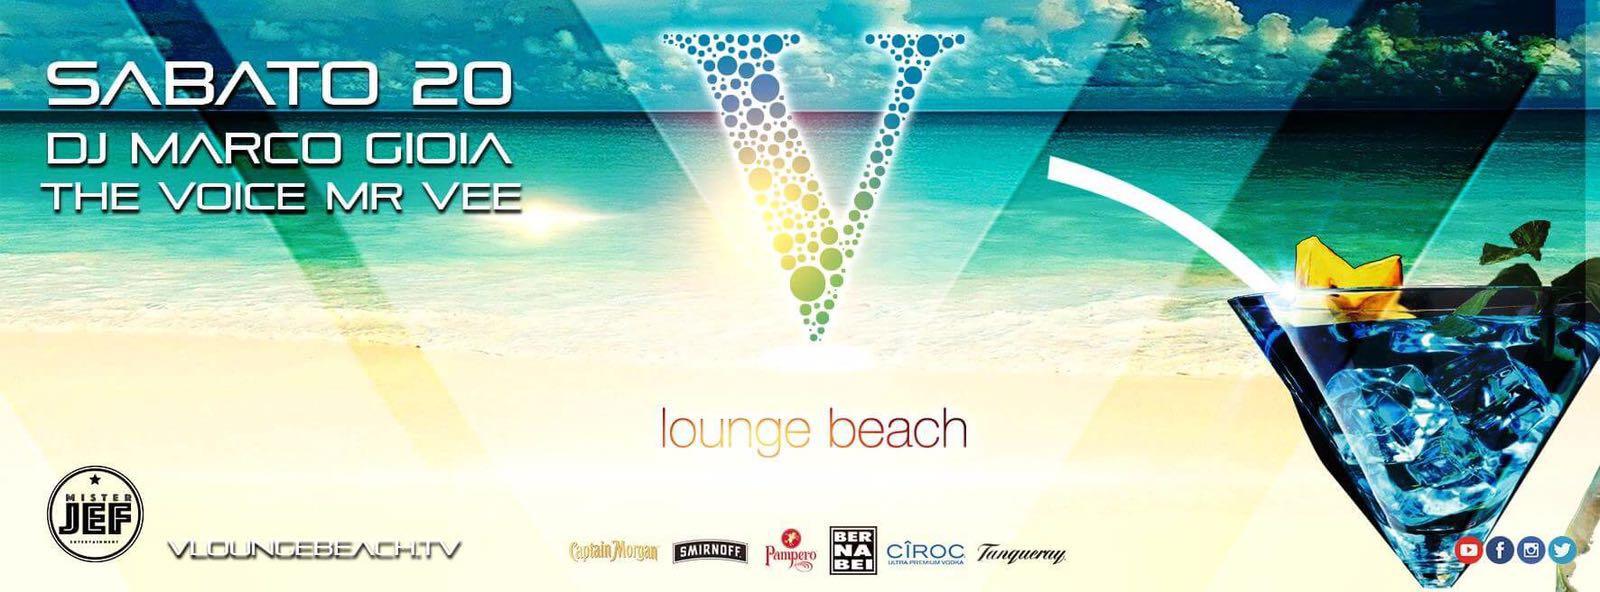 V Lounge Beach Ostia sabato 20 Agosto 2016